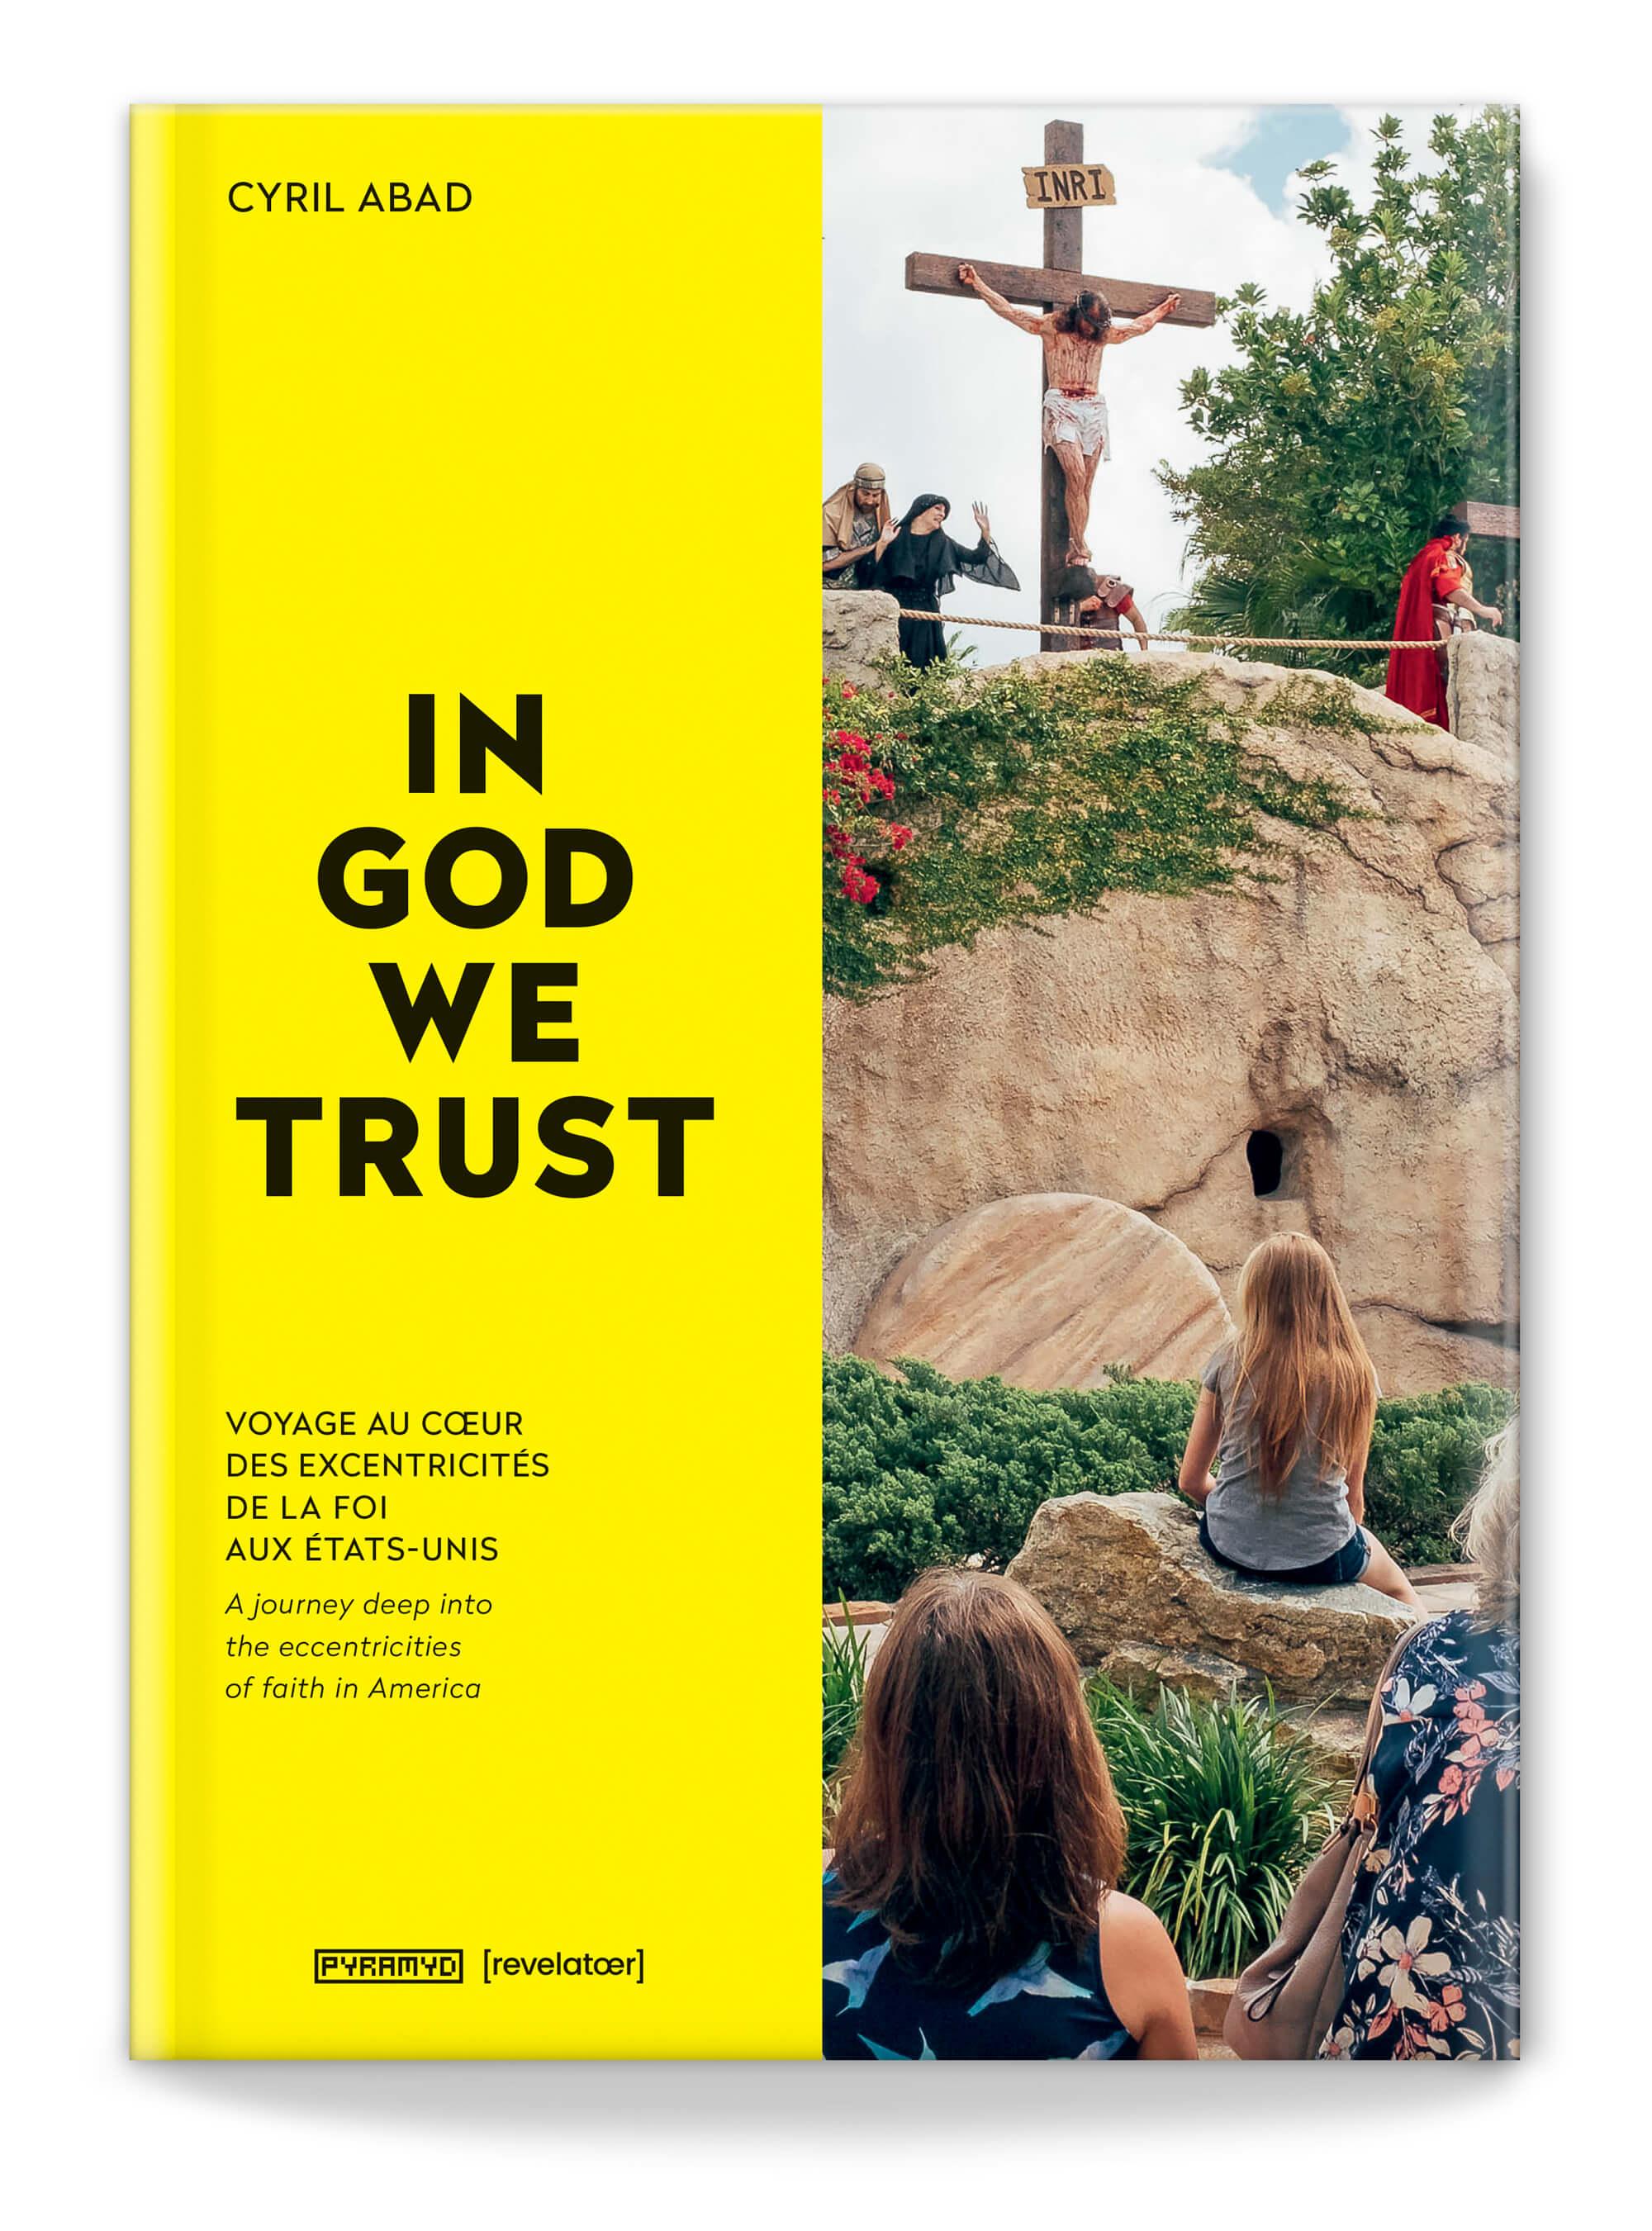 La couverture du livre In God we Trust, un reportage photo sur l'Amérique et le Christianisme dans la société, cover design IchetKar